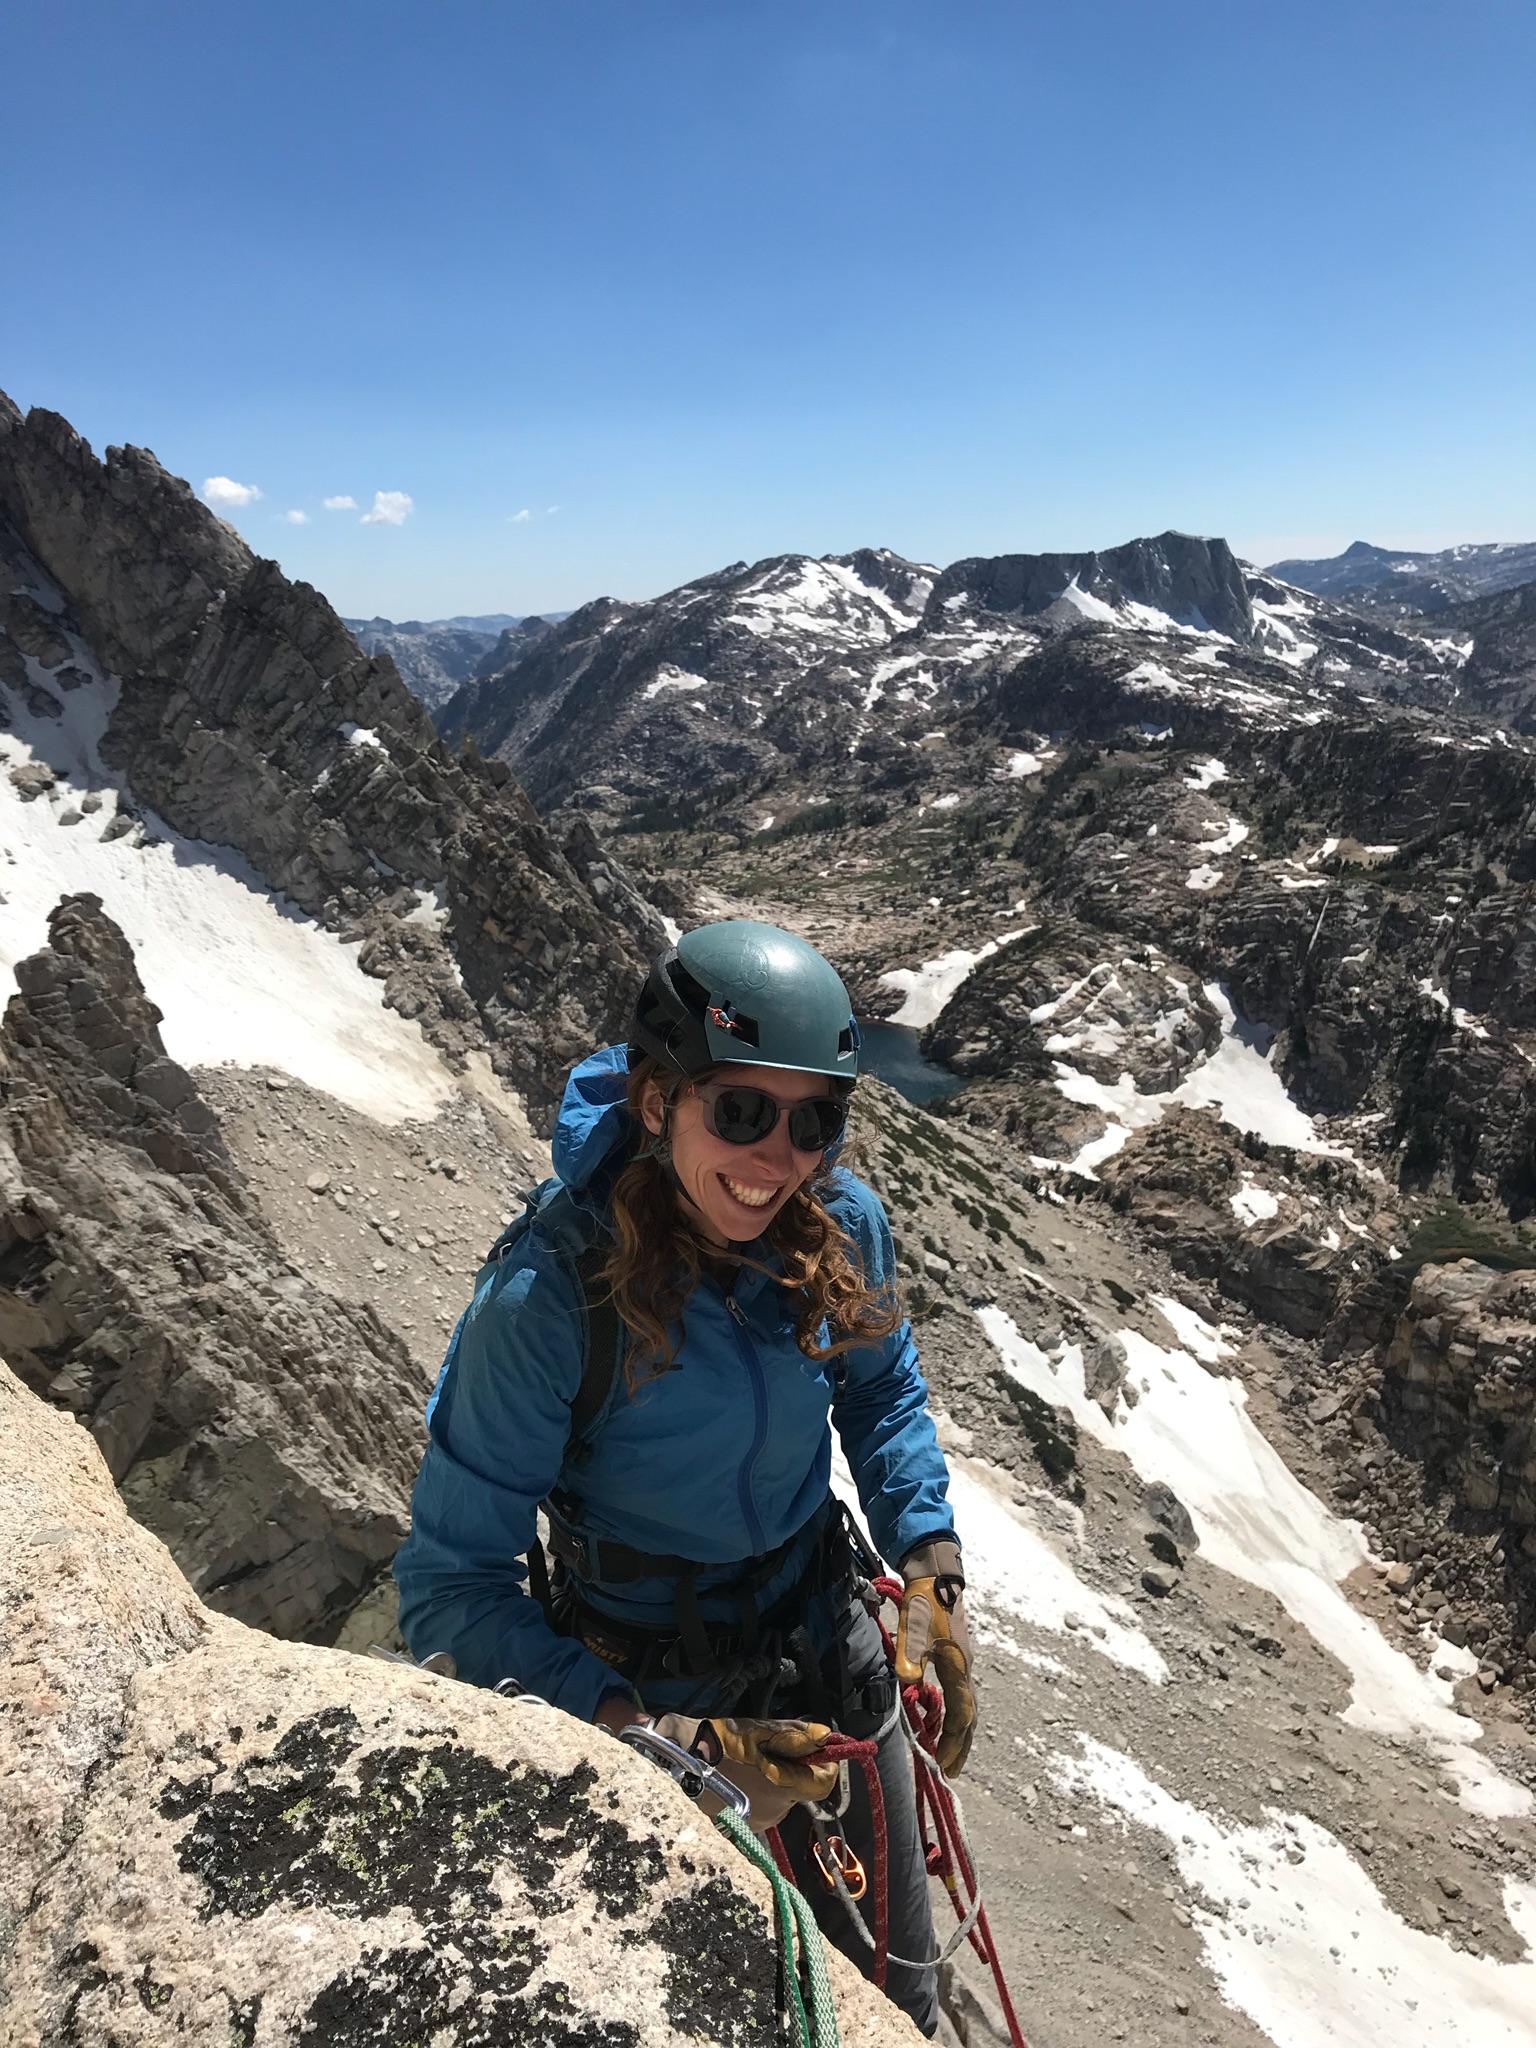 Alison Kaplan Rock Climbing Wearing Glacier Glasses